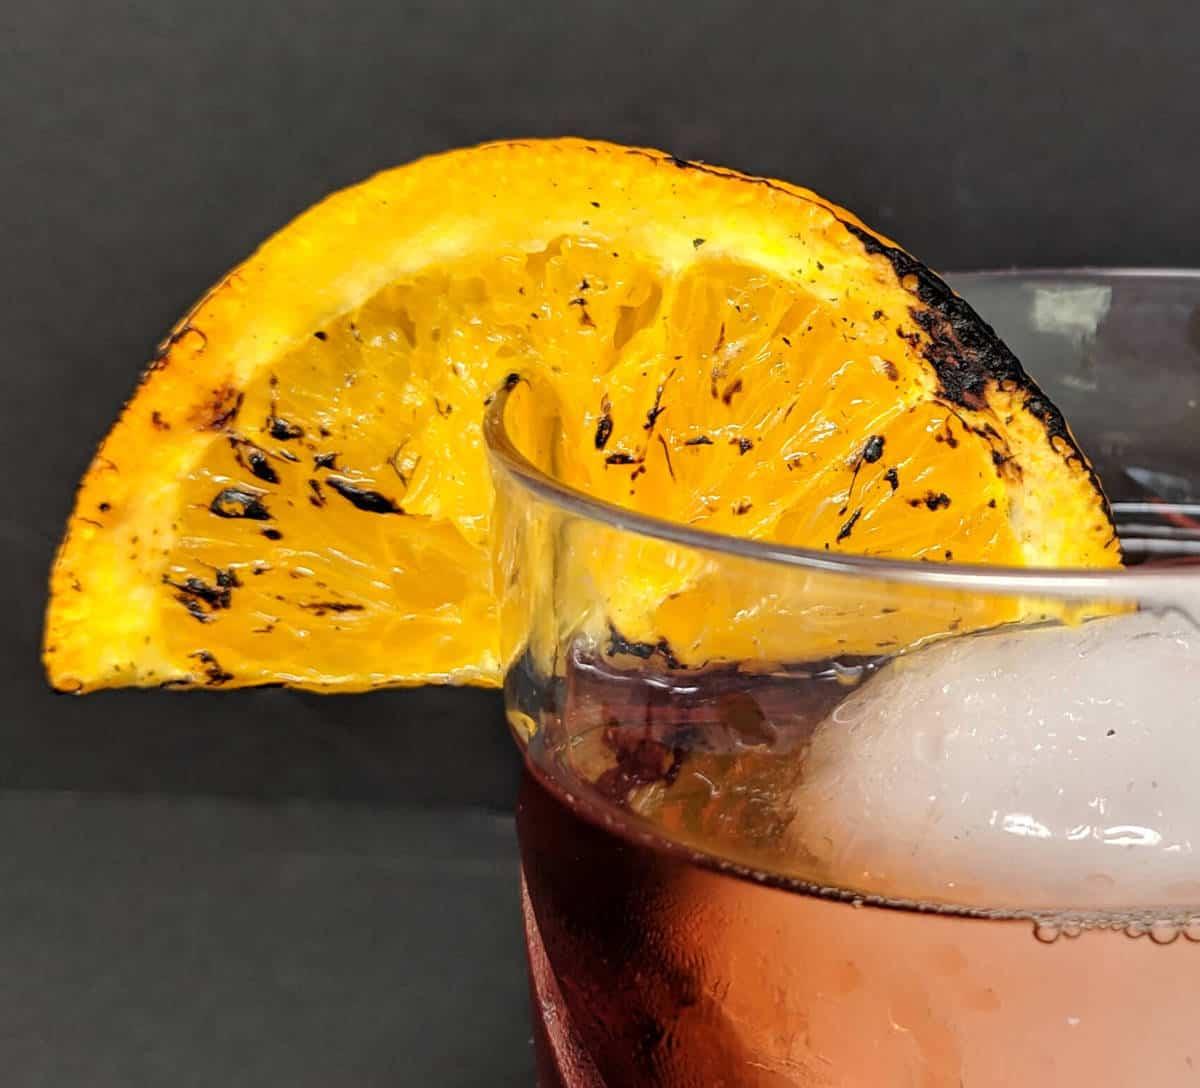 Burnt Orange garnish on a Negroni